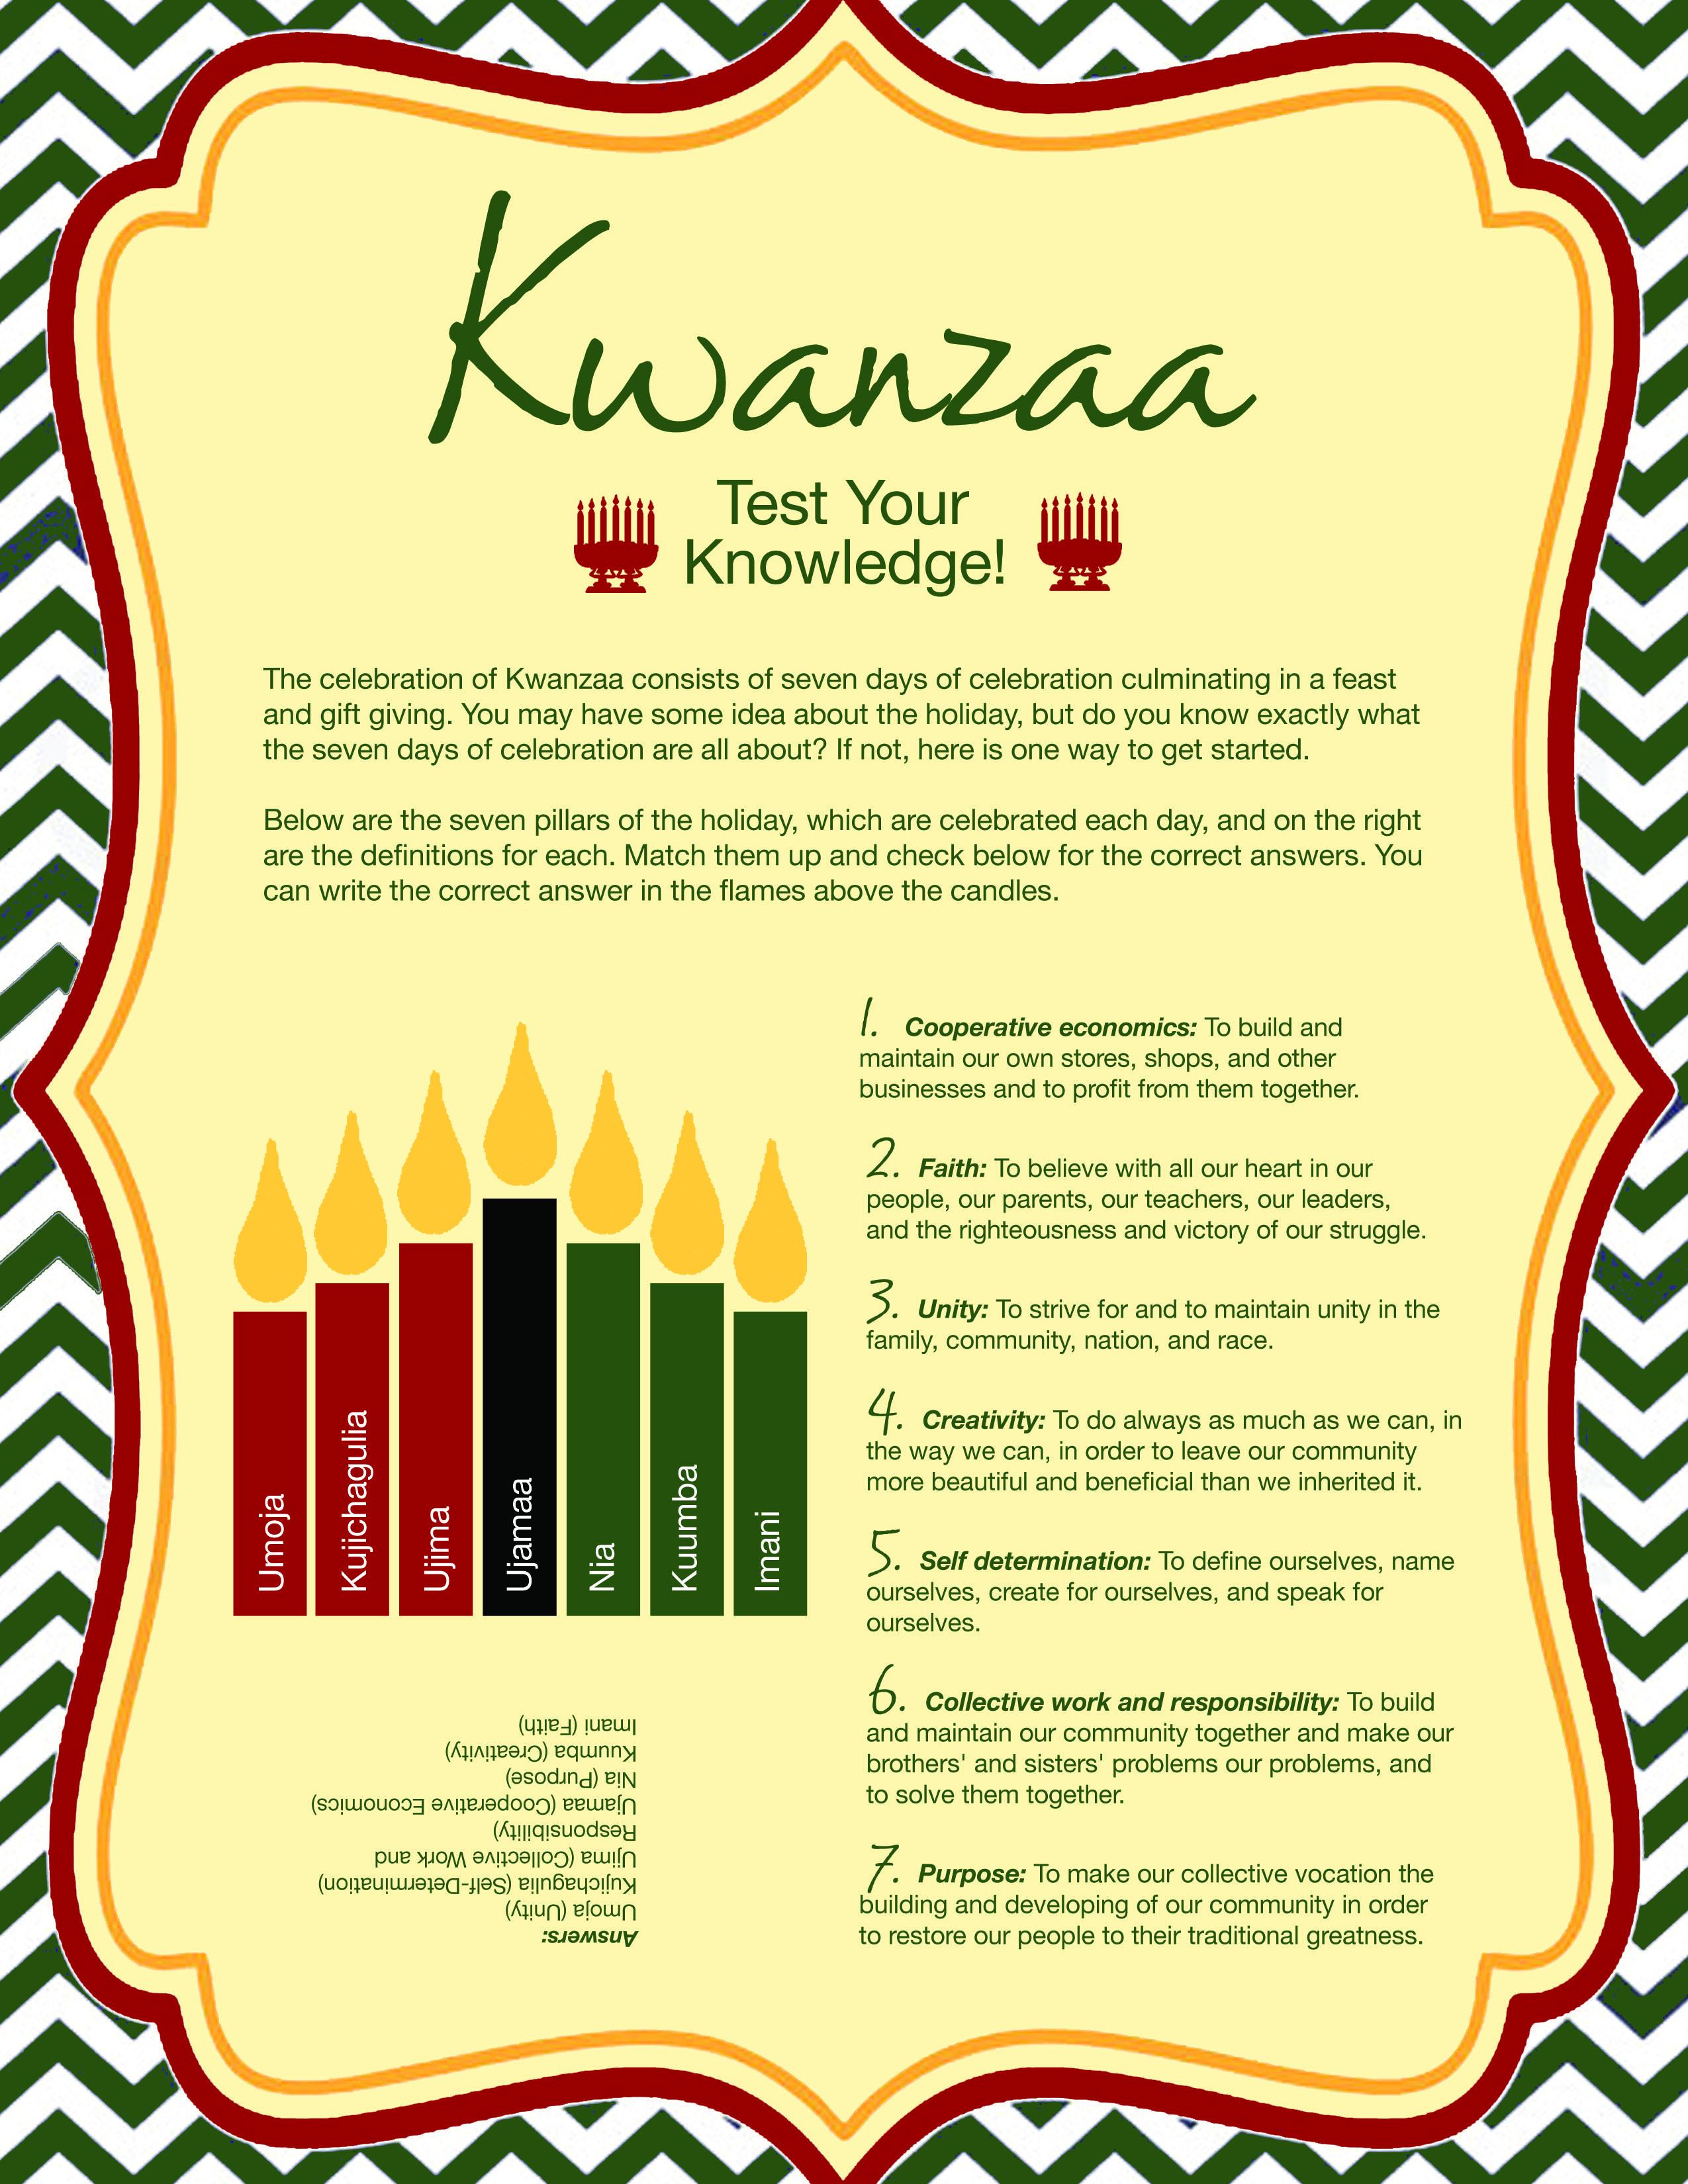 Free Printable Kwanzaa Quiz | Celebrate Kwanzaa!!! | Kwanzaa, Happy - Kwanzaa Trivia Free Printable